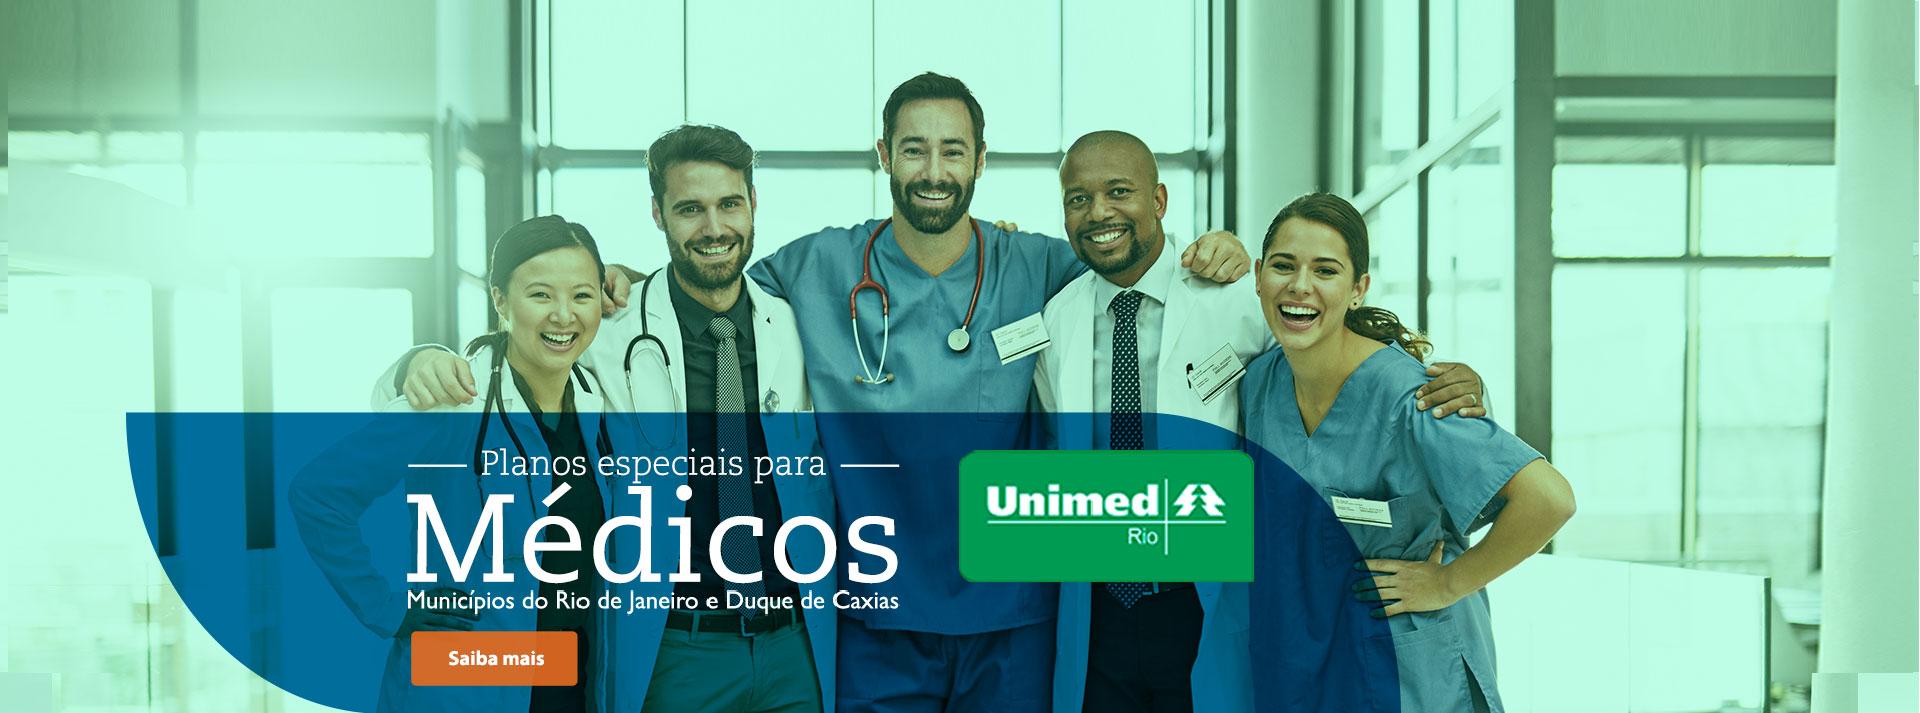 003-unimed-medicos